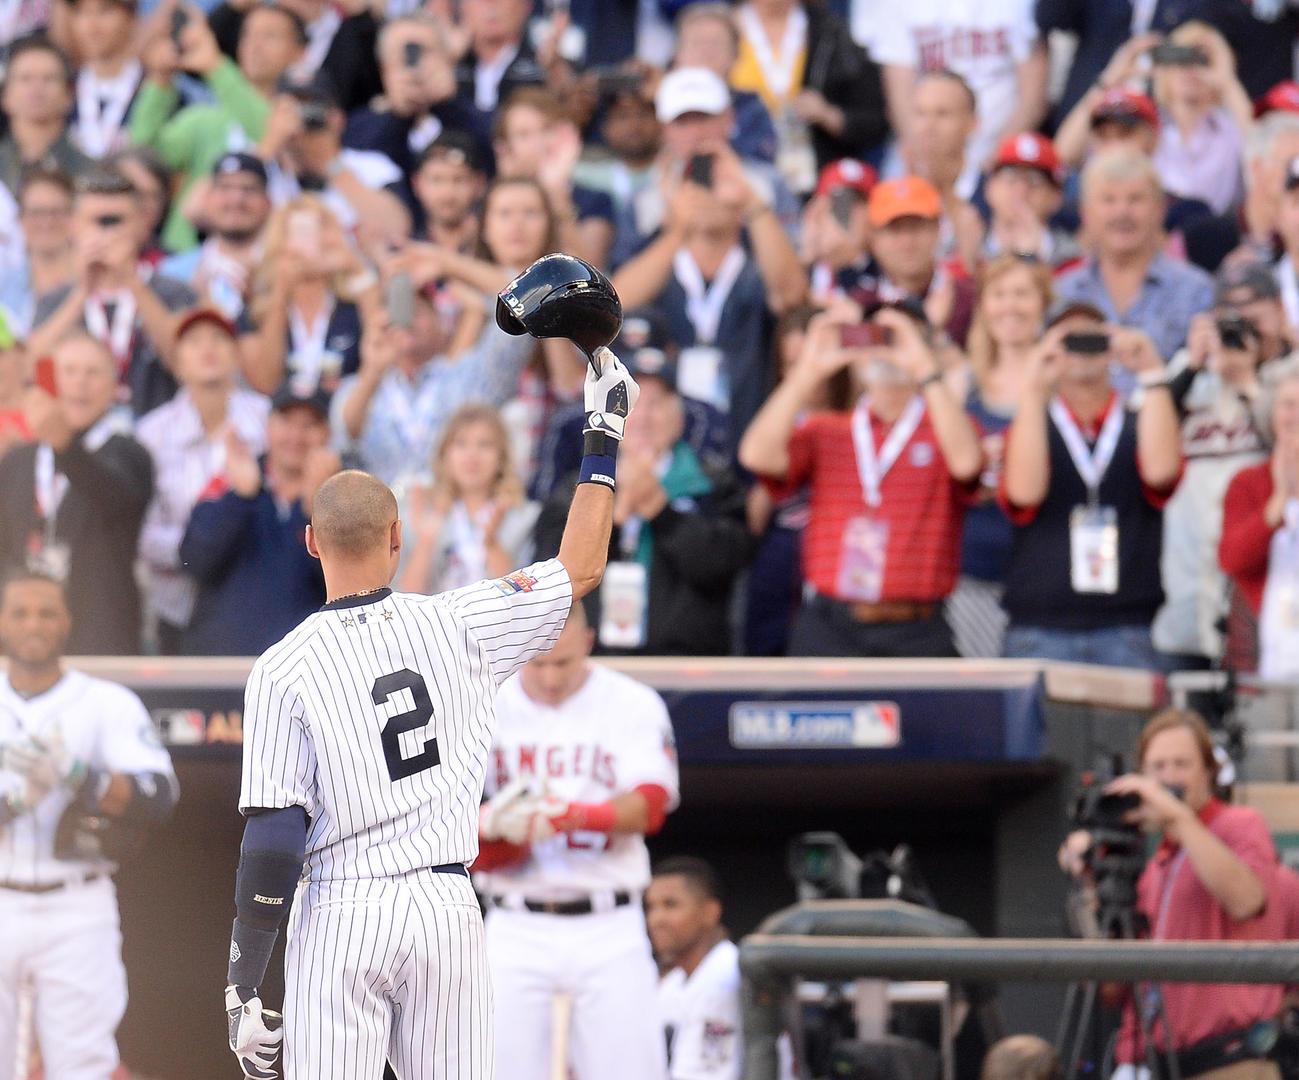 最後の球宴で初回、打席に入ったヤンキース・デレク・ジーターは、スタンドのファンの拍手にヘルメットを取って応える(2014年7月15日撮影=菅敏)